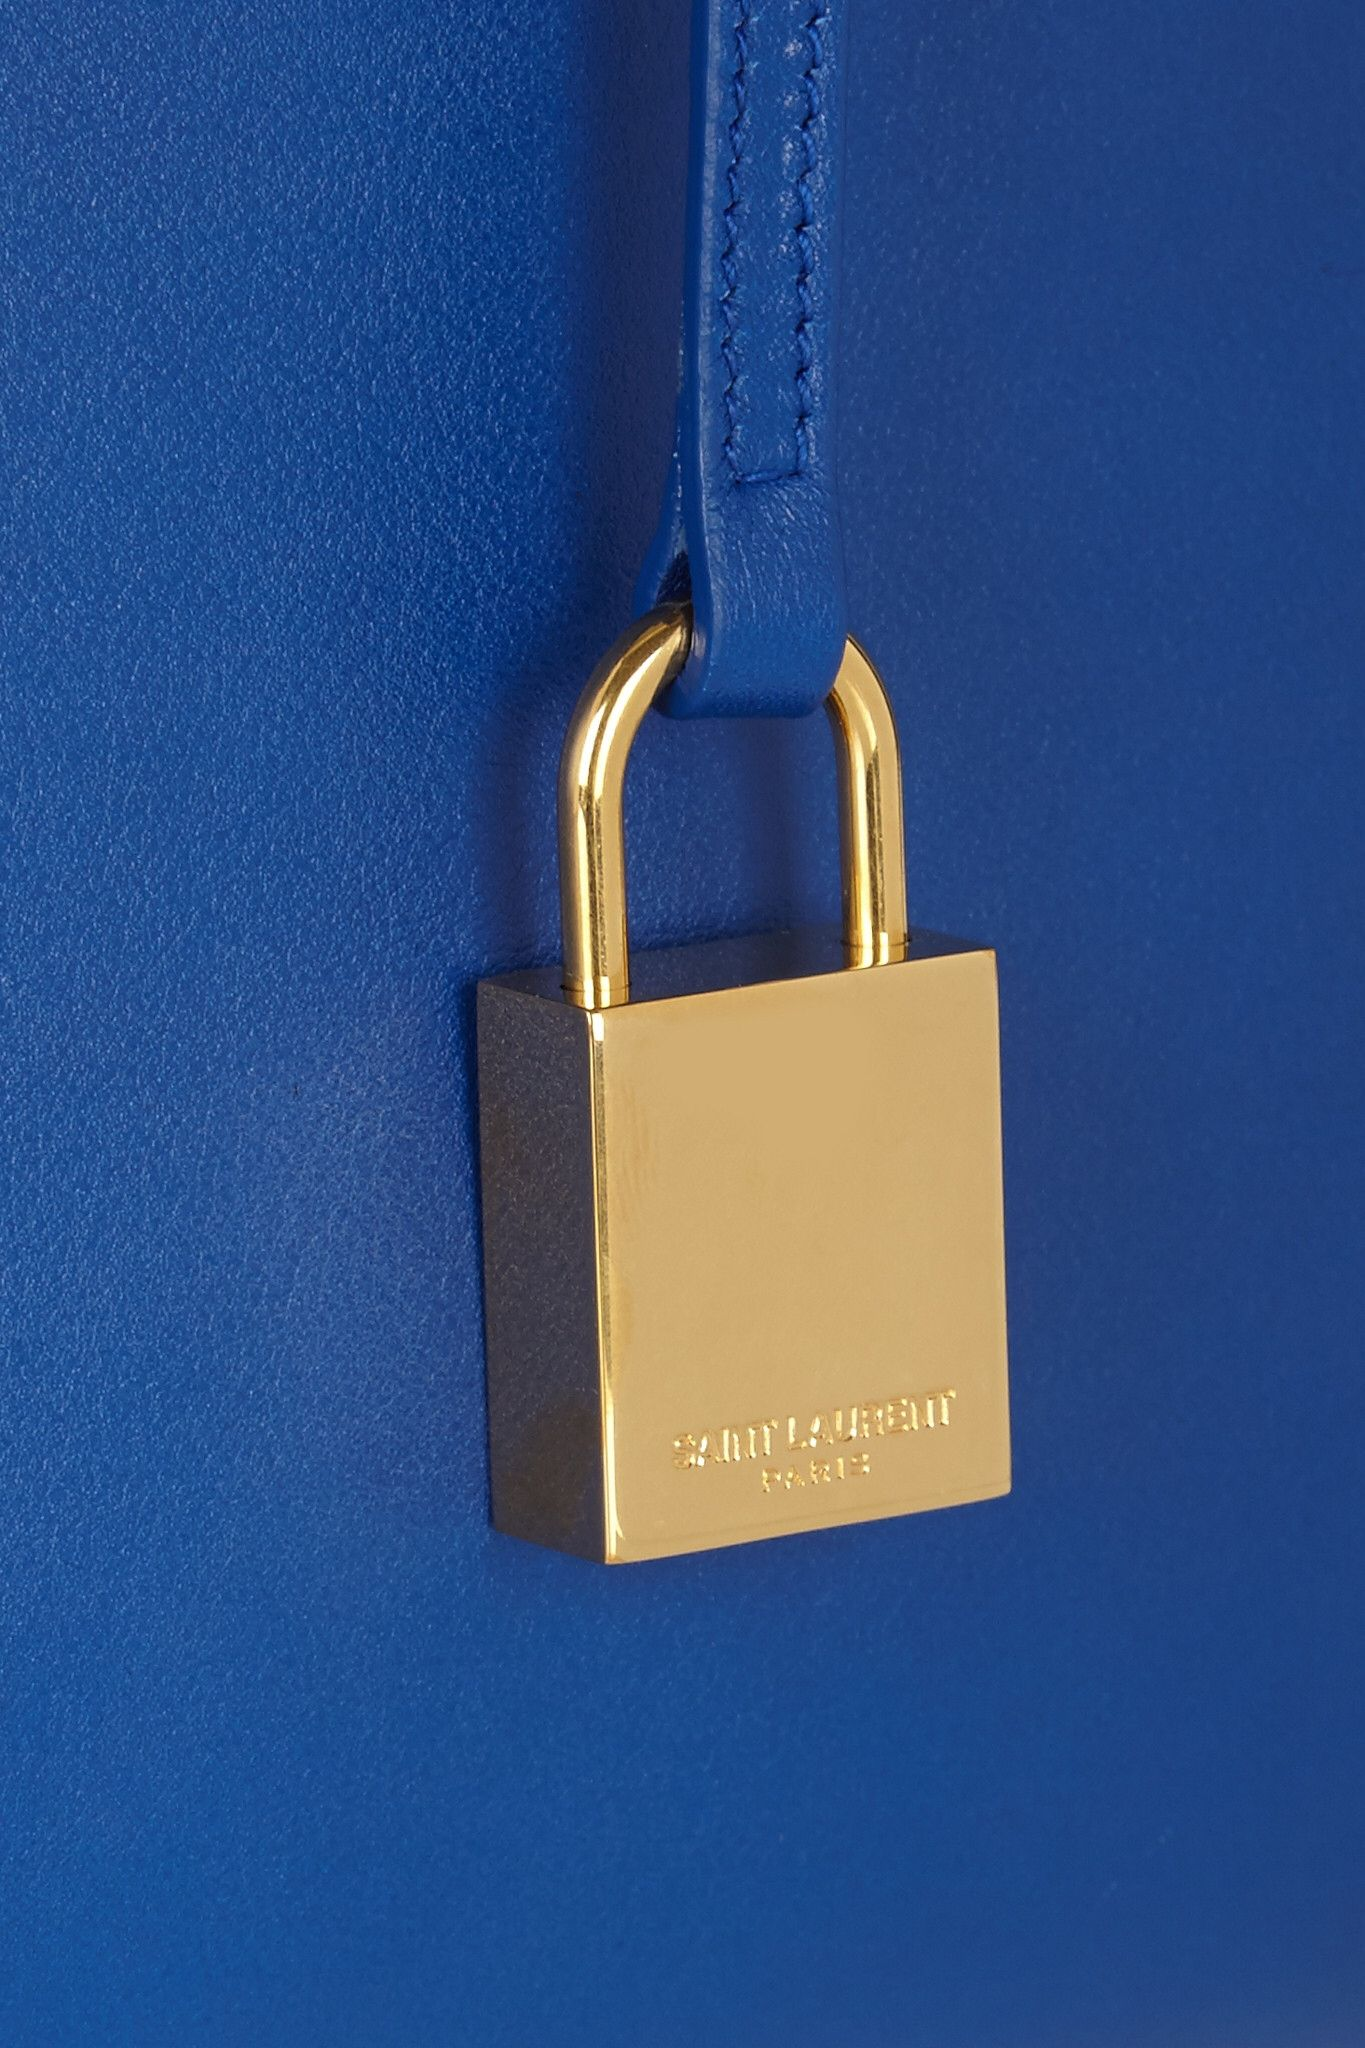 SAINT LAURENT Sac De Jour Nano leather shoulder bag $2,263.96 http://www.net-a-porter.com/products/513459